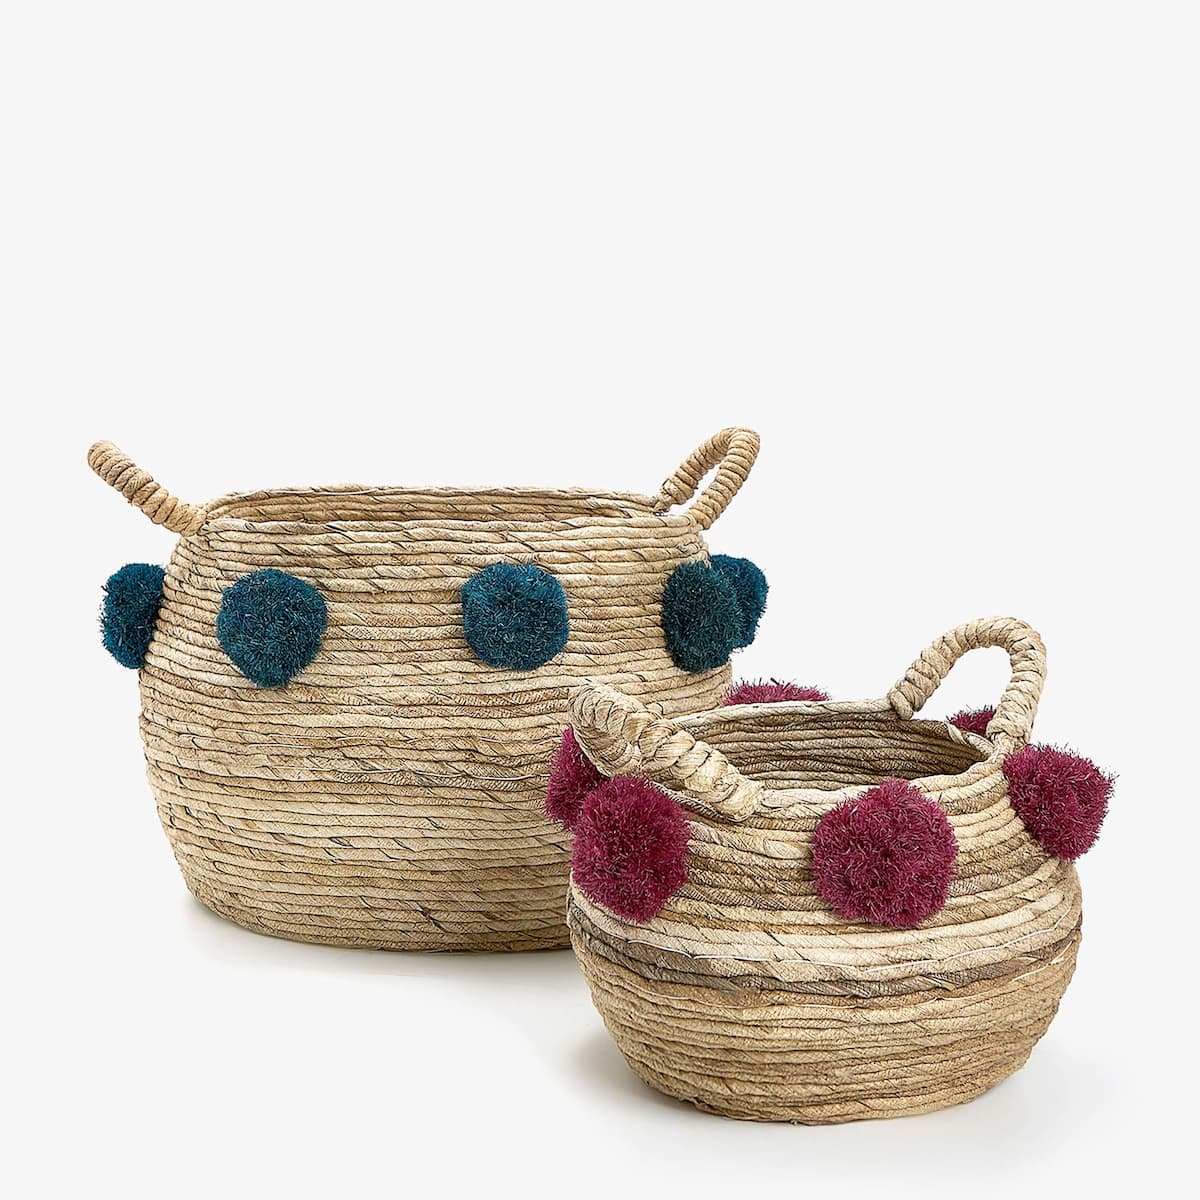 Pom Pom Baskets , Zara Home £29.99 - £39.99